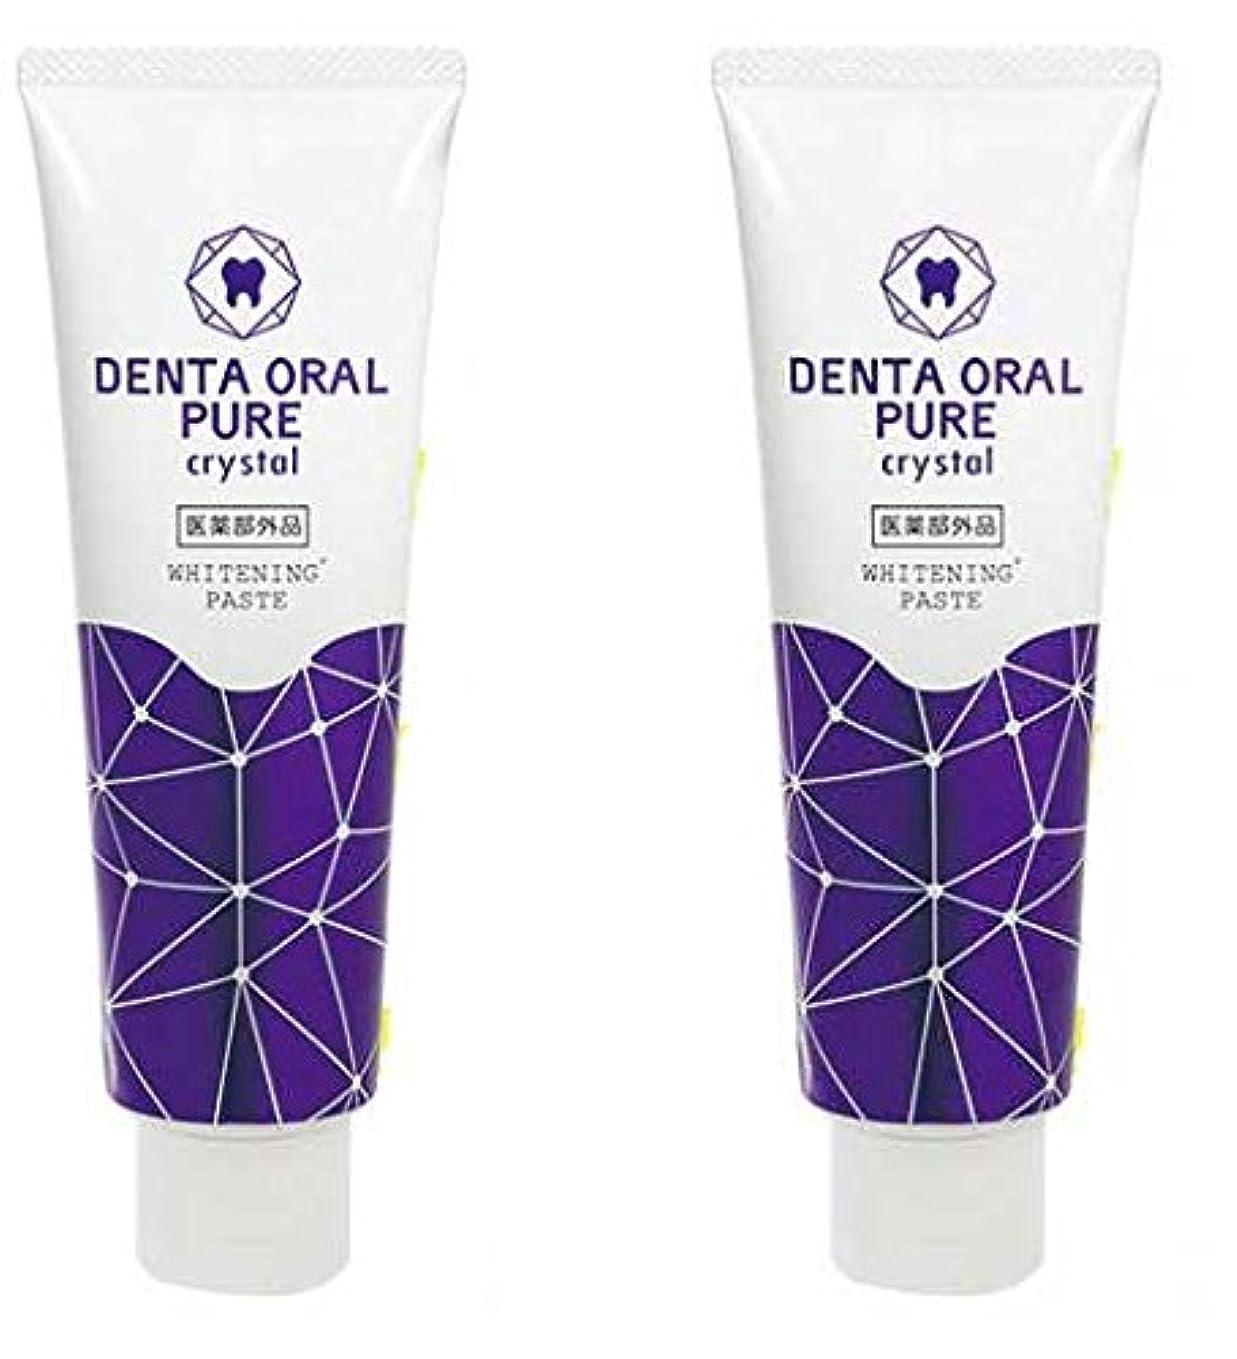 シンプルな鎮静剤カジュアルホワイトニング歯磨き粉 デンタオーラルピュア クリスタル 2個セット 医薬部外品